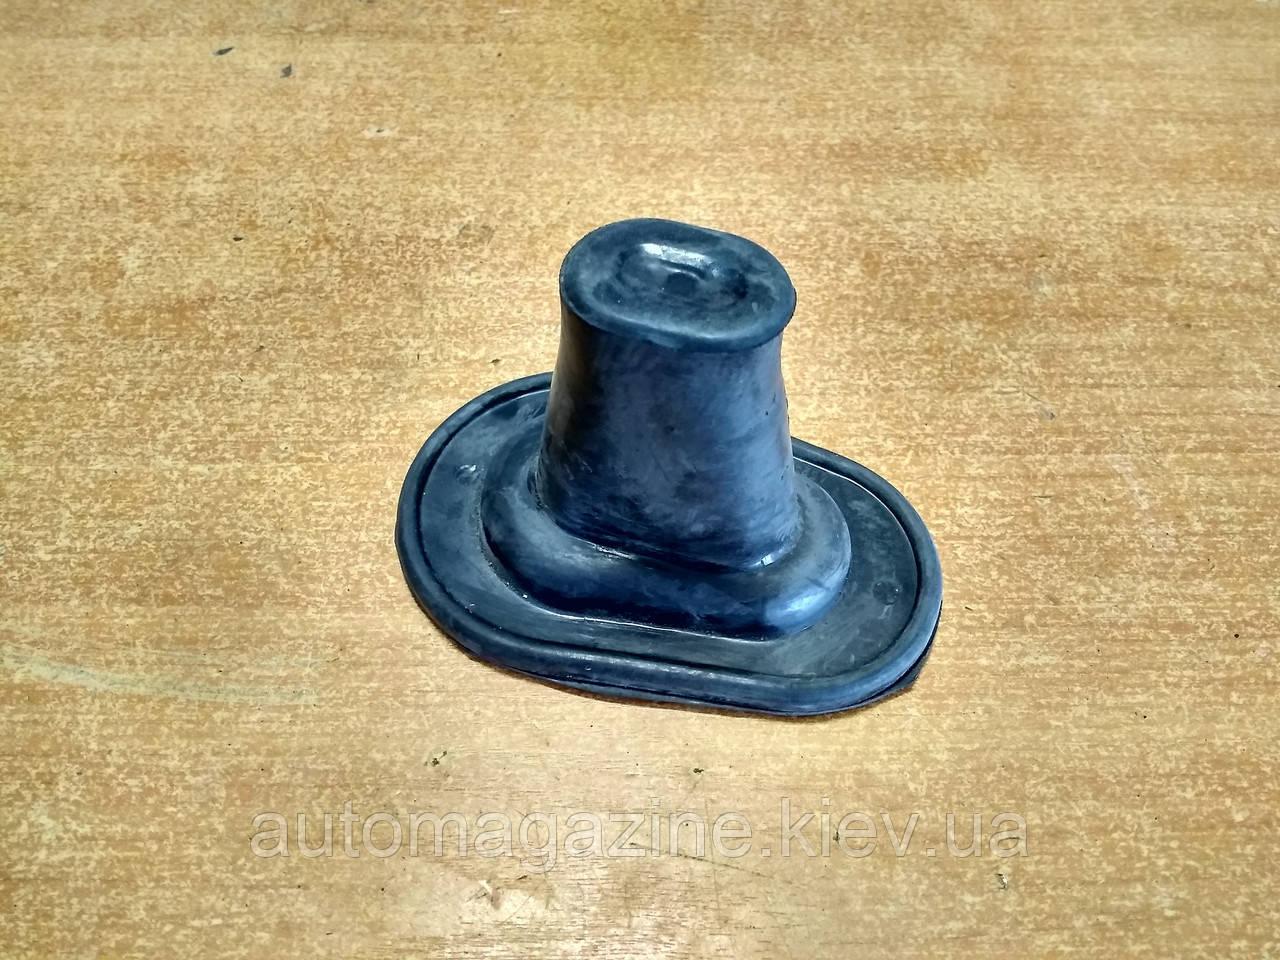 Пыльник (чехол) рычага ручного тормоза УАЗ 452